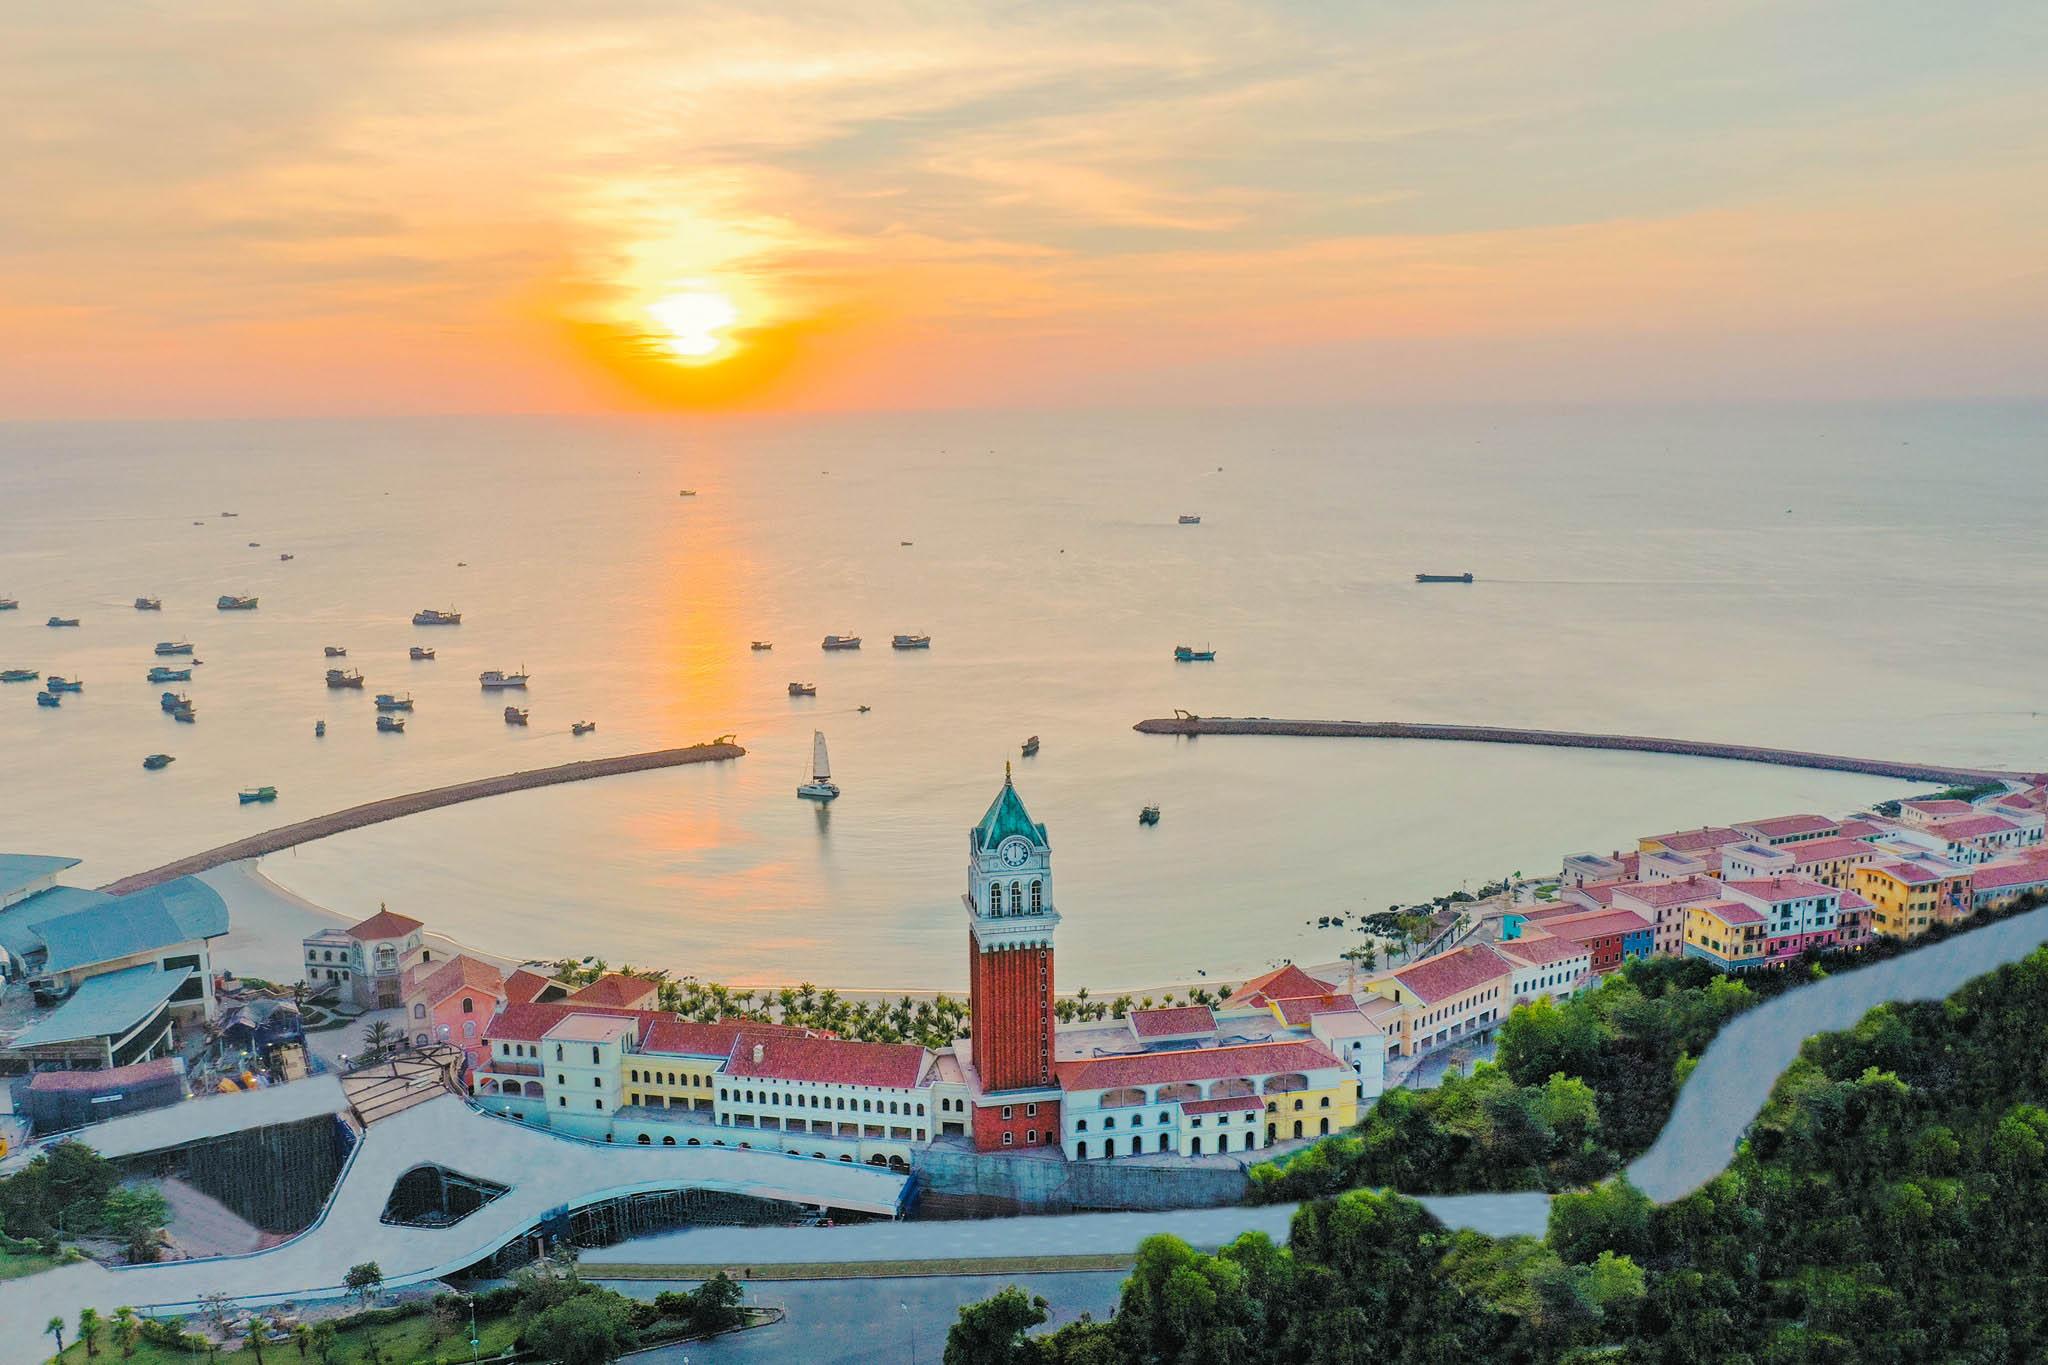 Thị trấn Địa Trung Hải nguồn cảm hứng vô tận cho các sự kiện lễ hội đẳng cấp nằm trong hệ sinh thái của Tập đoàn Sun Group